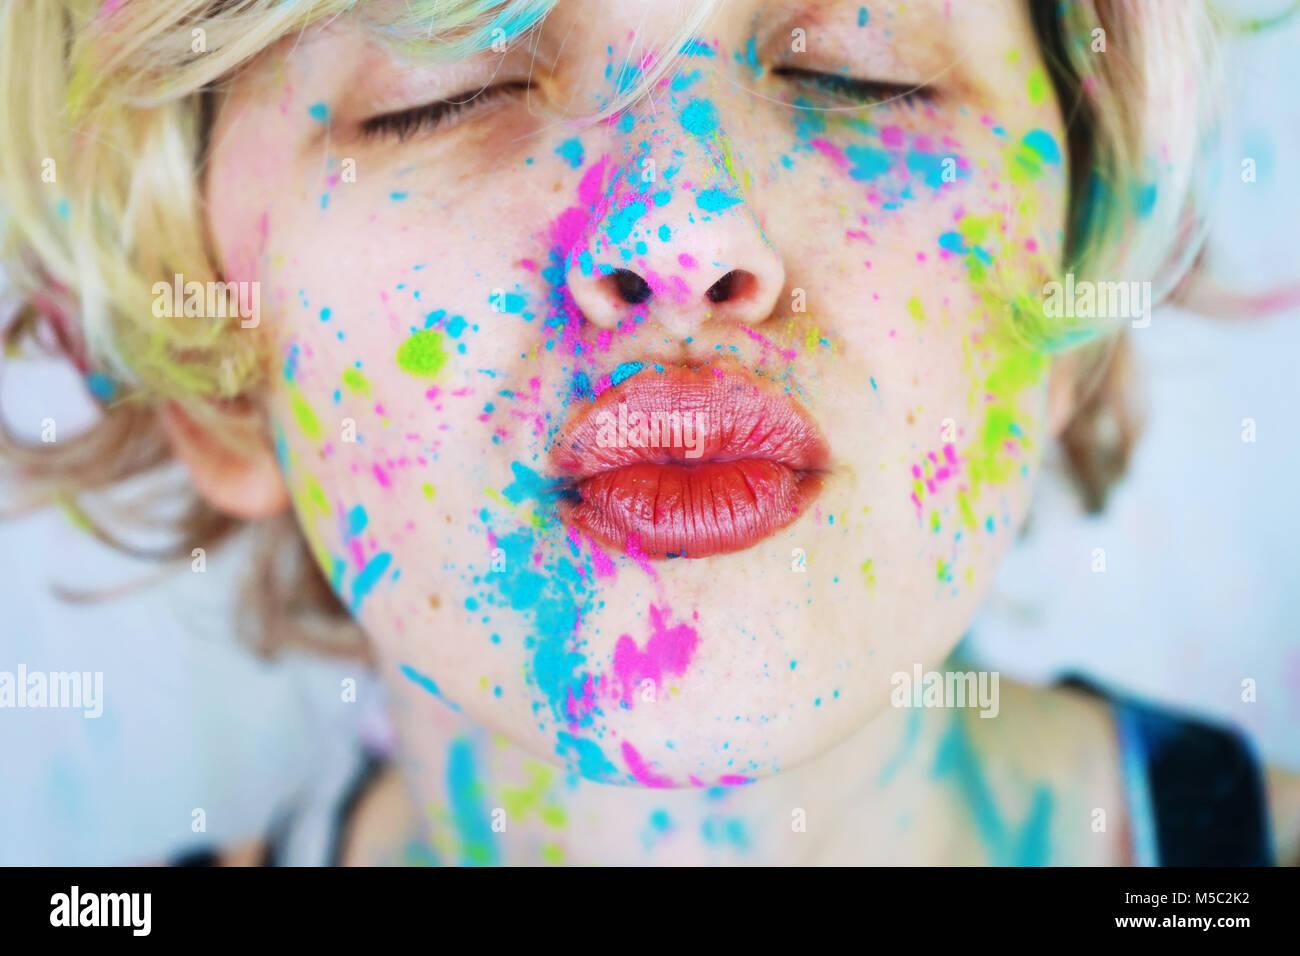 Hermosa mujer joven con pintura en su cara Imagen De Stock